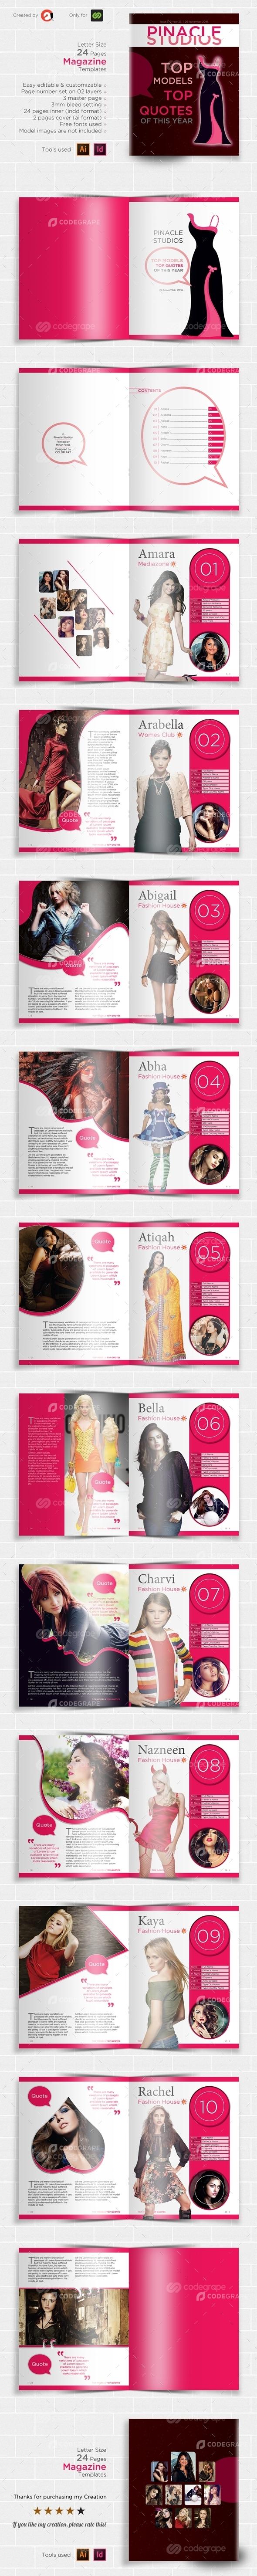 Magazine V.1